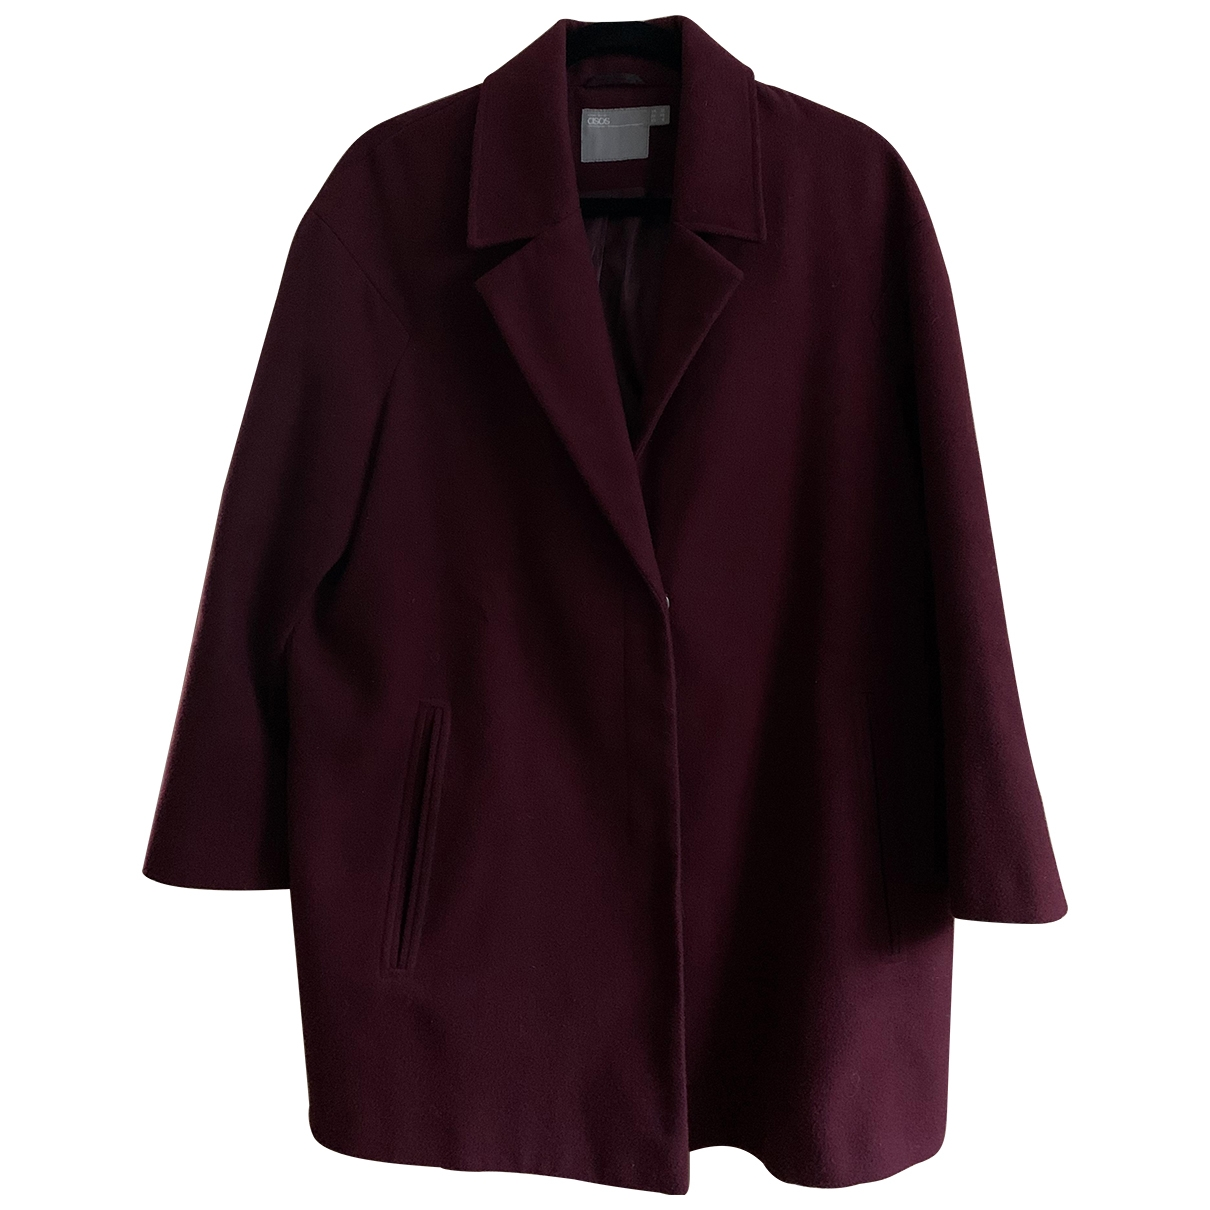 Asos - Manteau   pour femme - bordeaux